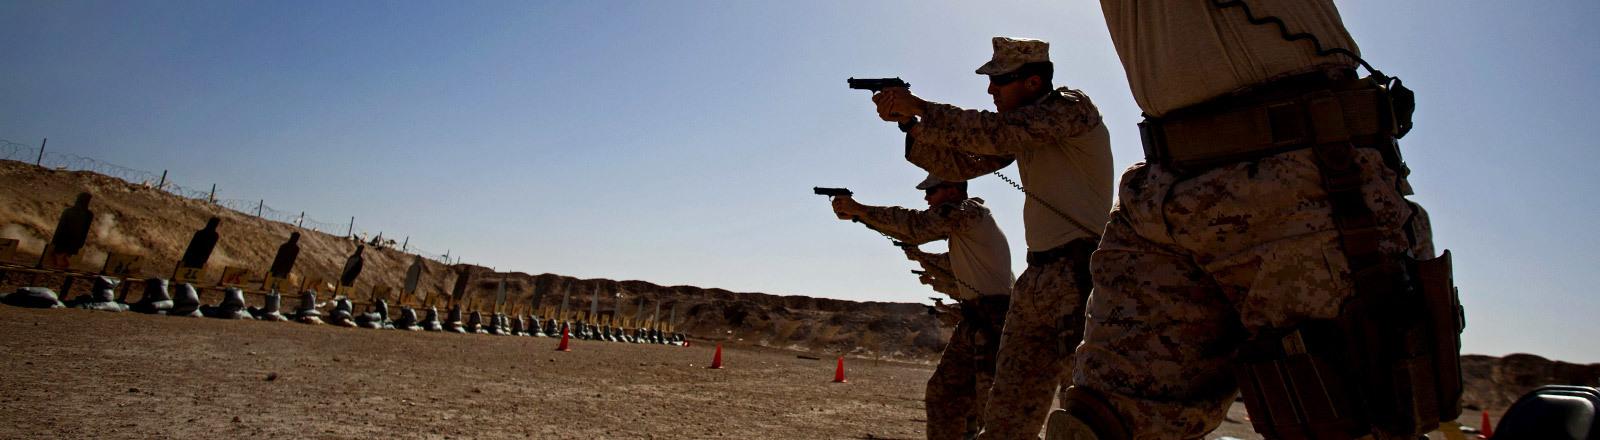 US-Truppen auf dem Übungsschießstand in Afghanistan